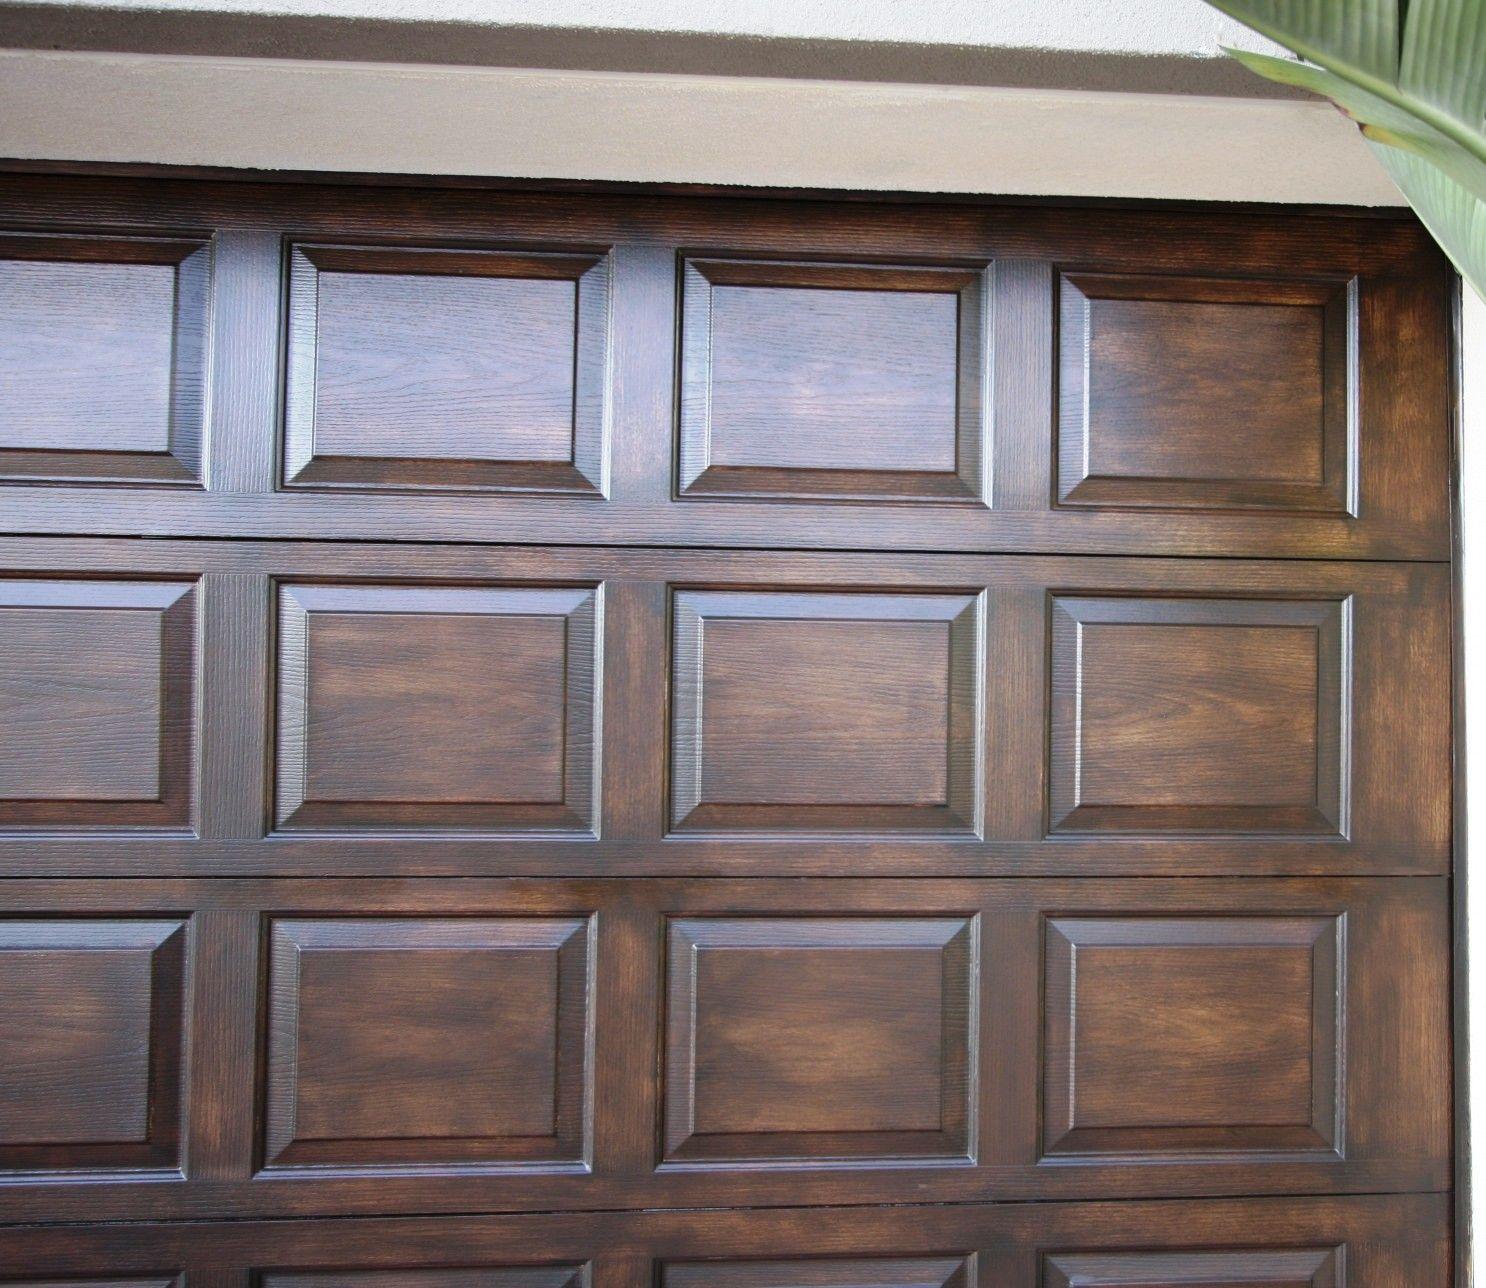 Disadvantages Of Faux Wood Garage Doors In 2020 Faux Wood Garage Door Metal Garage Doors Faux Wood Garage Door Diy